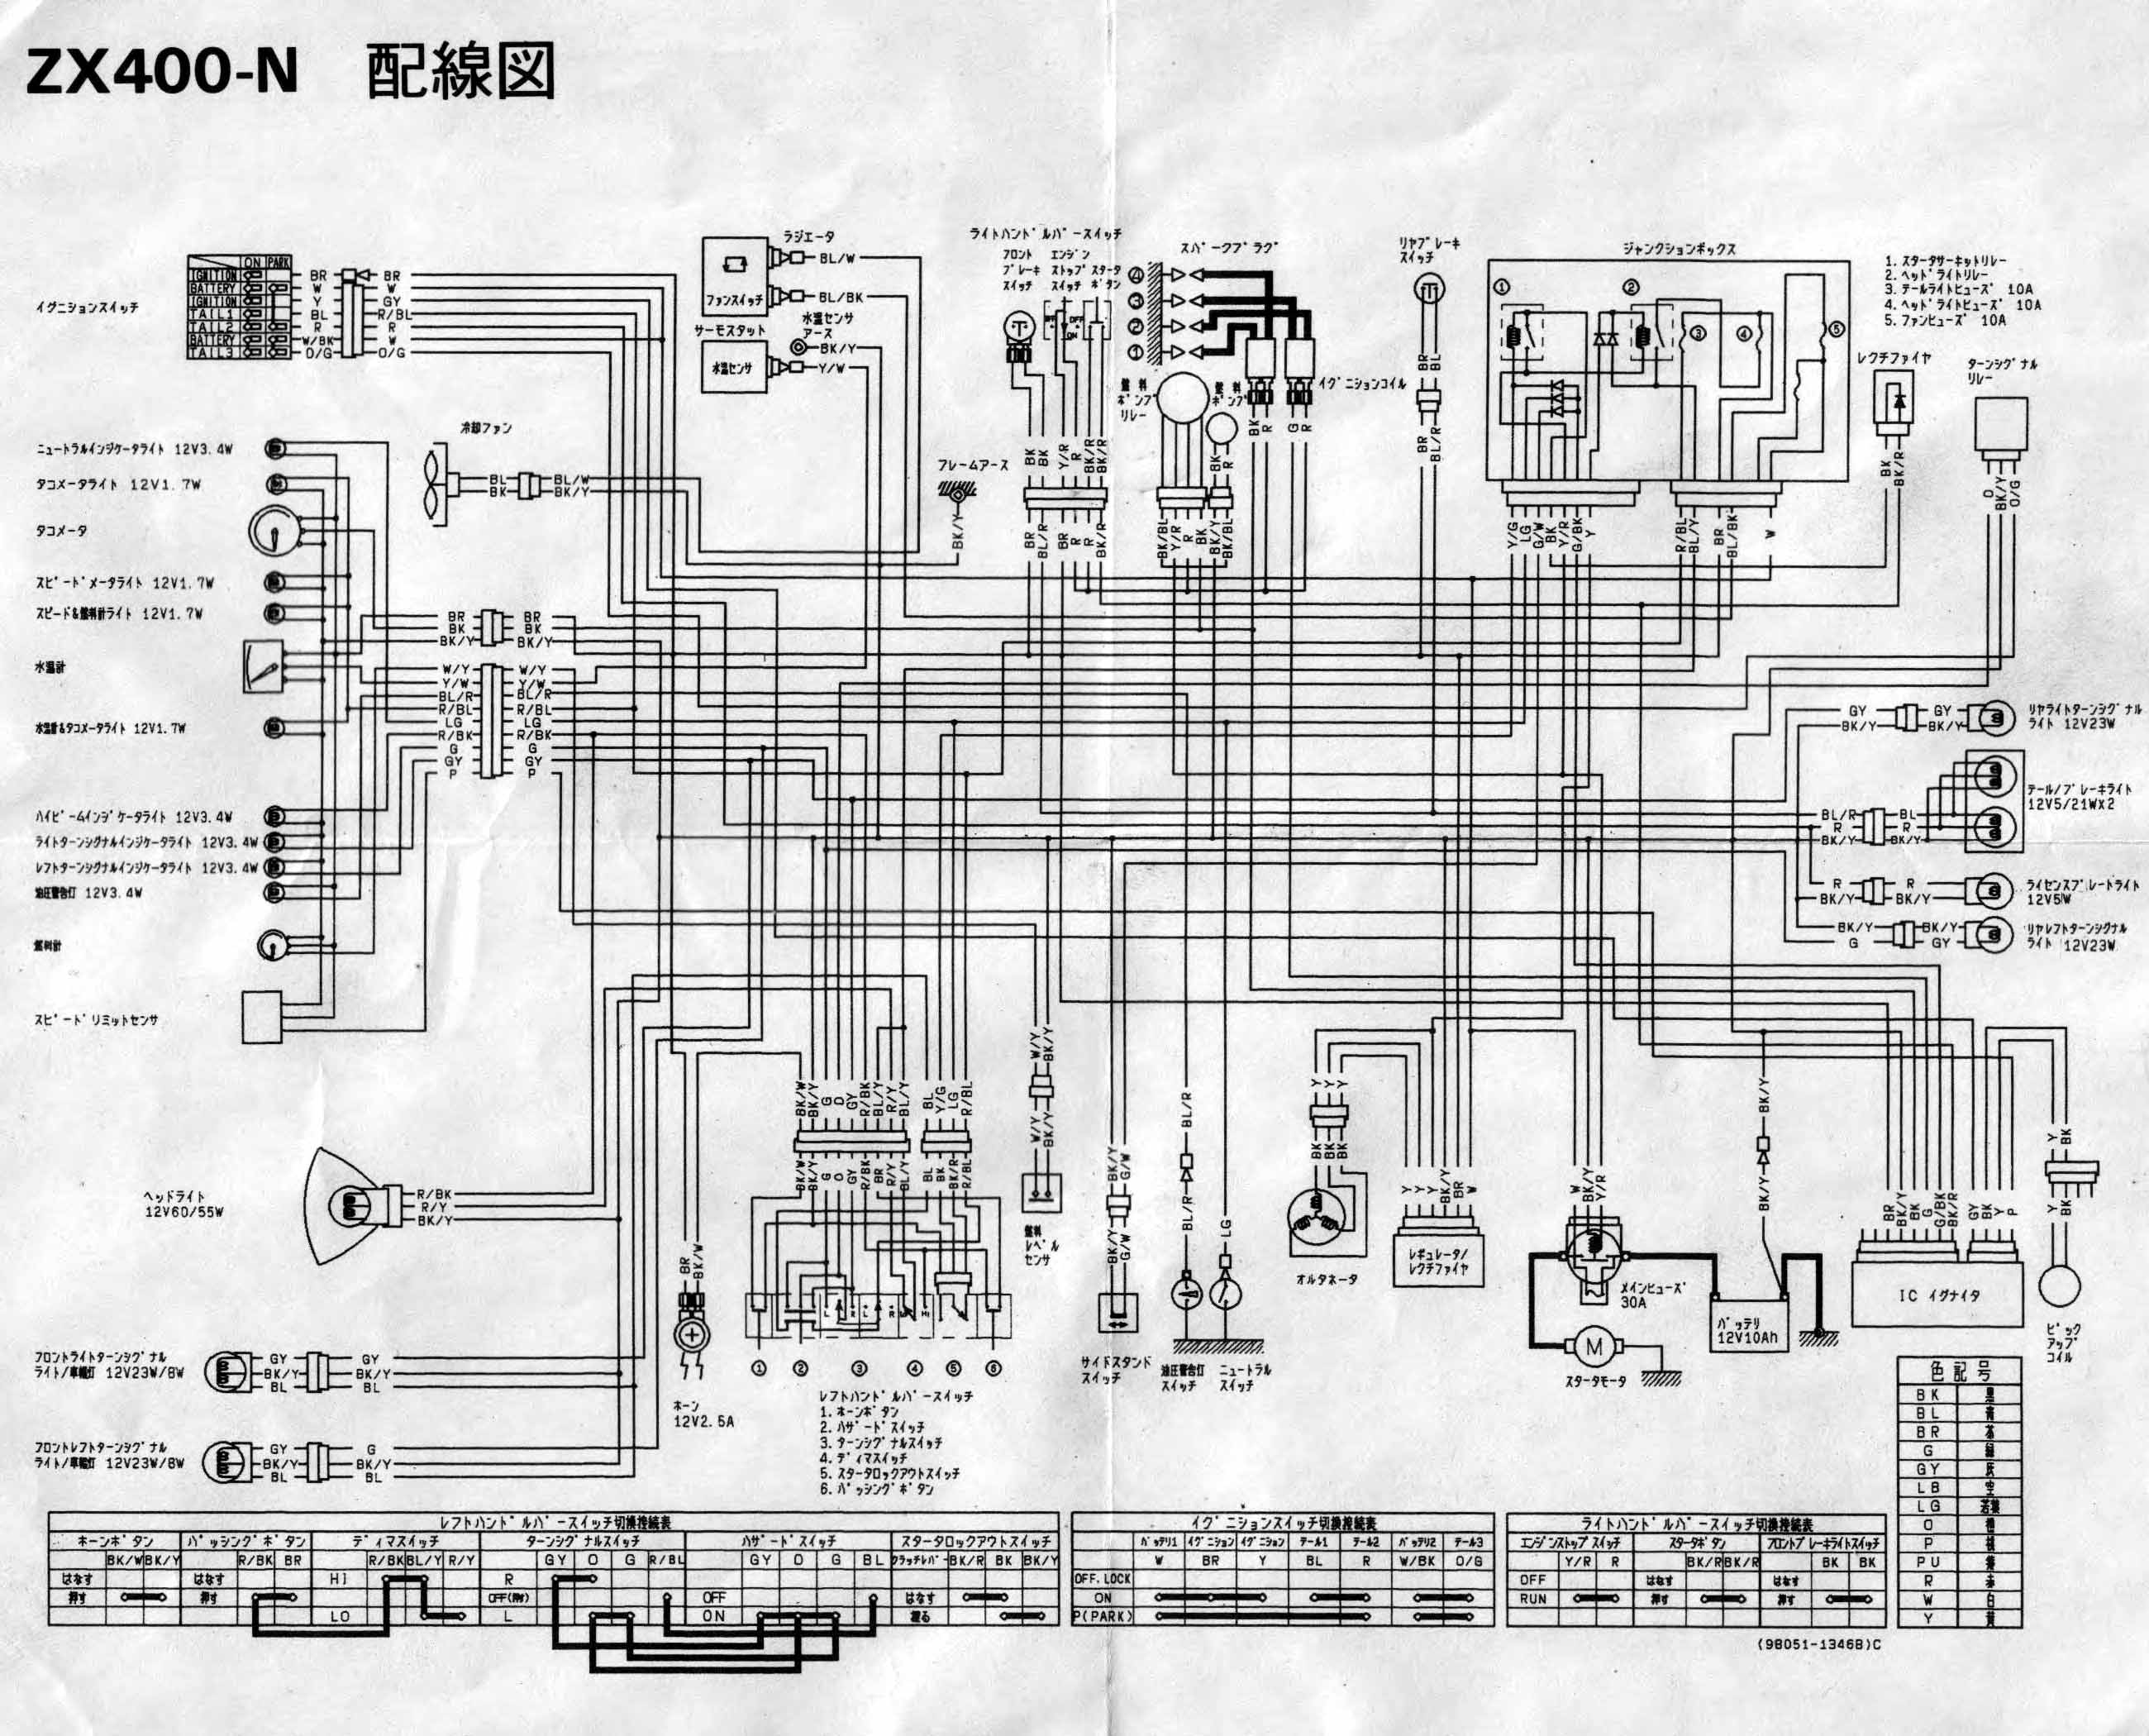 1989 zx600 wiring diagram product wiring diagrams kawasaki motorcycle manuals pdf wiring diagrams fault codes rh motorcycle manual com 2005 yamaha r1 wiring asfbconference2016 Choice Image